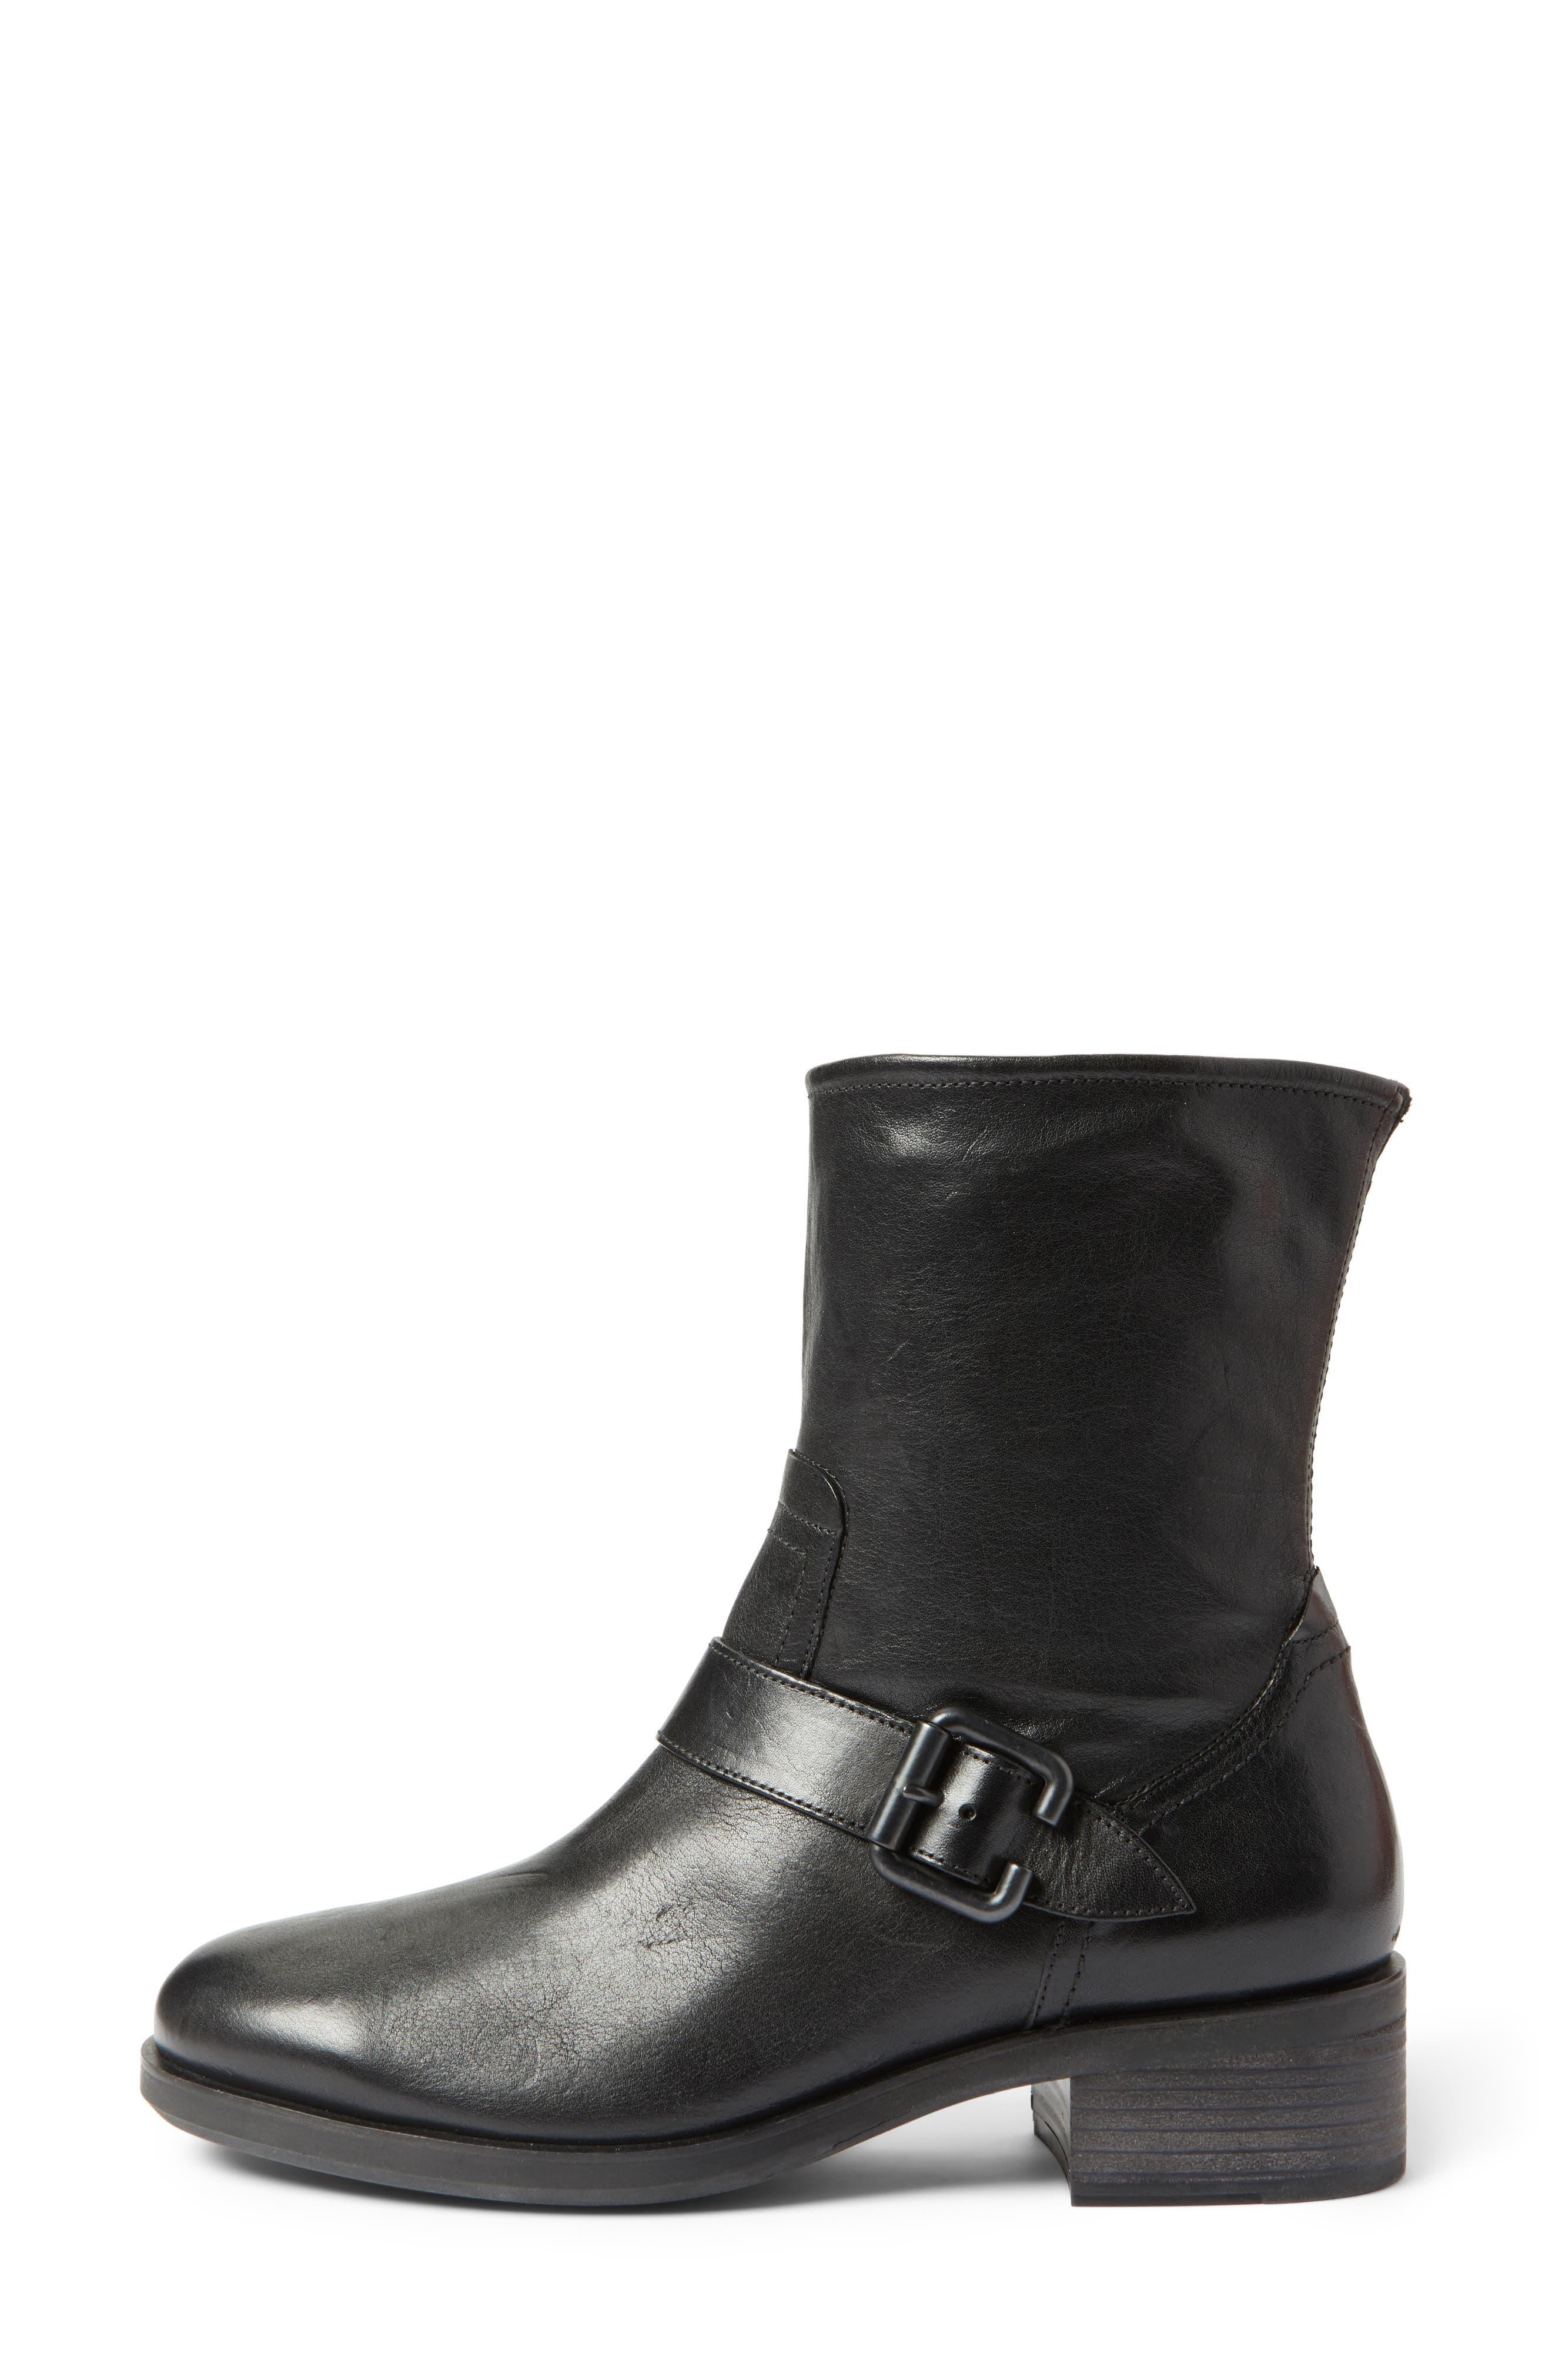 Nixon Moto Boot,                             Alternate thumbnail 3, color,                             Black Leather